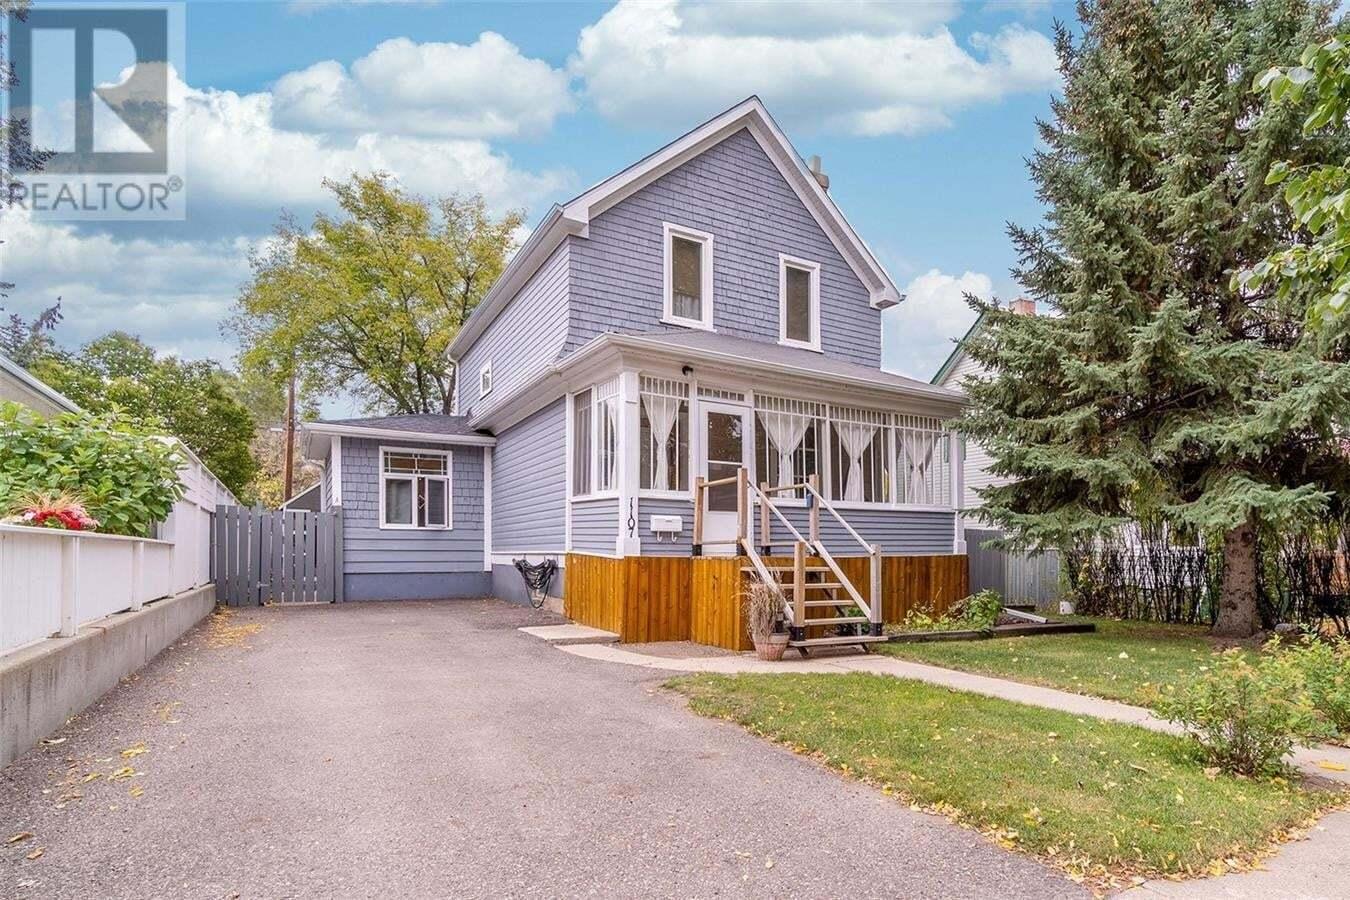 House for sale at 1107 Redland Ave Moose Jaw Saskatchewan - MLS: SK821855